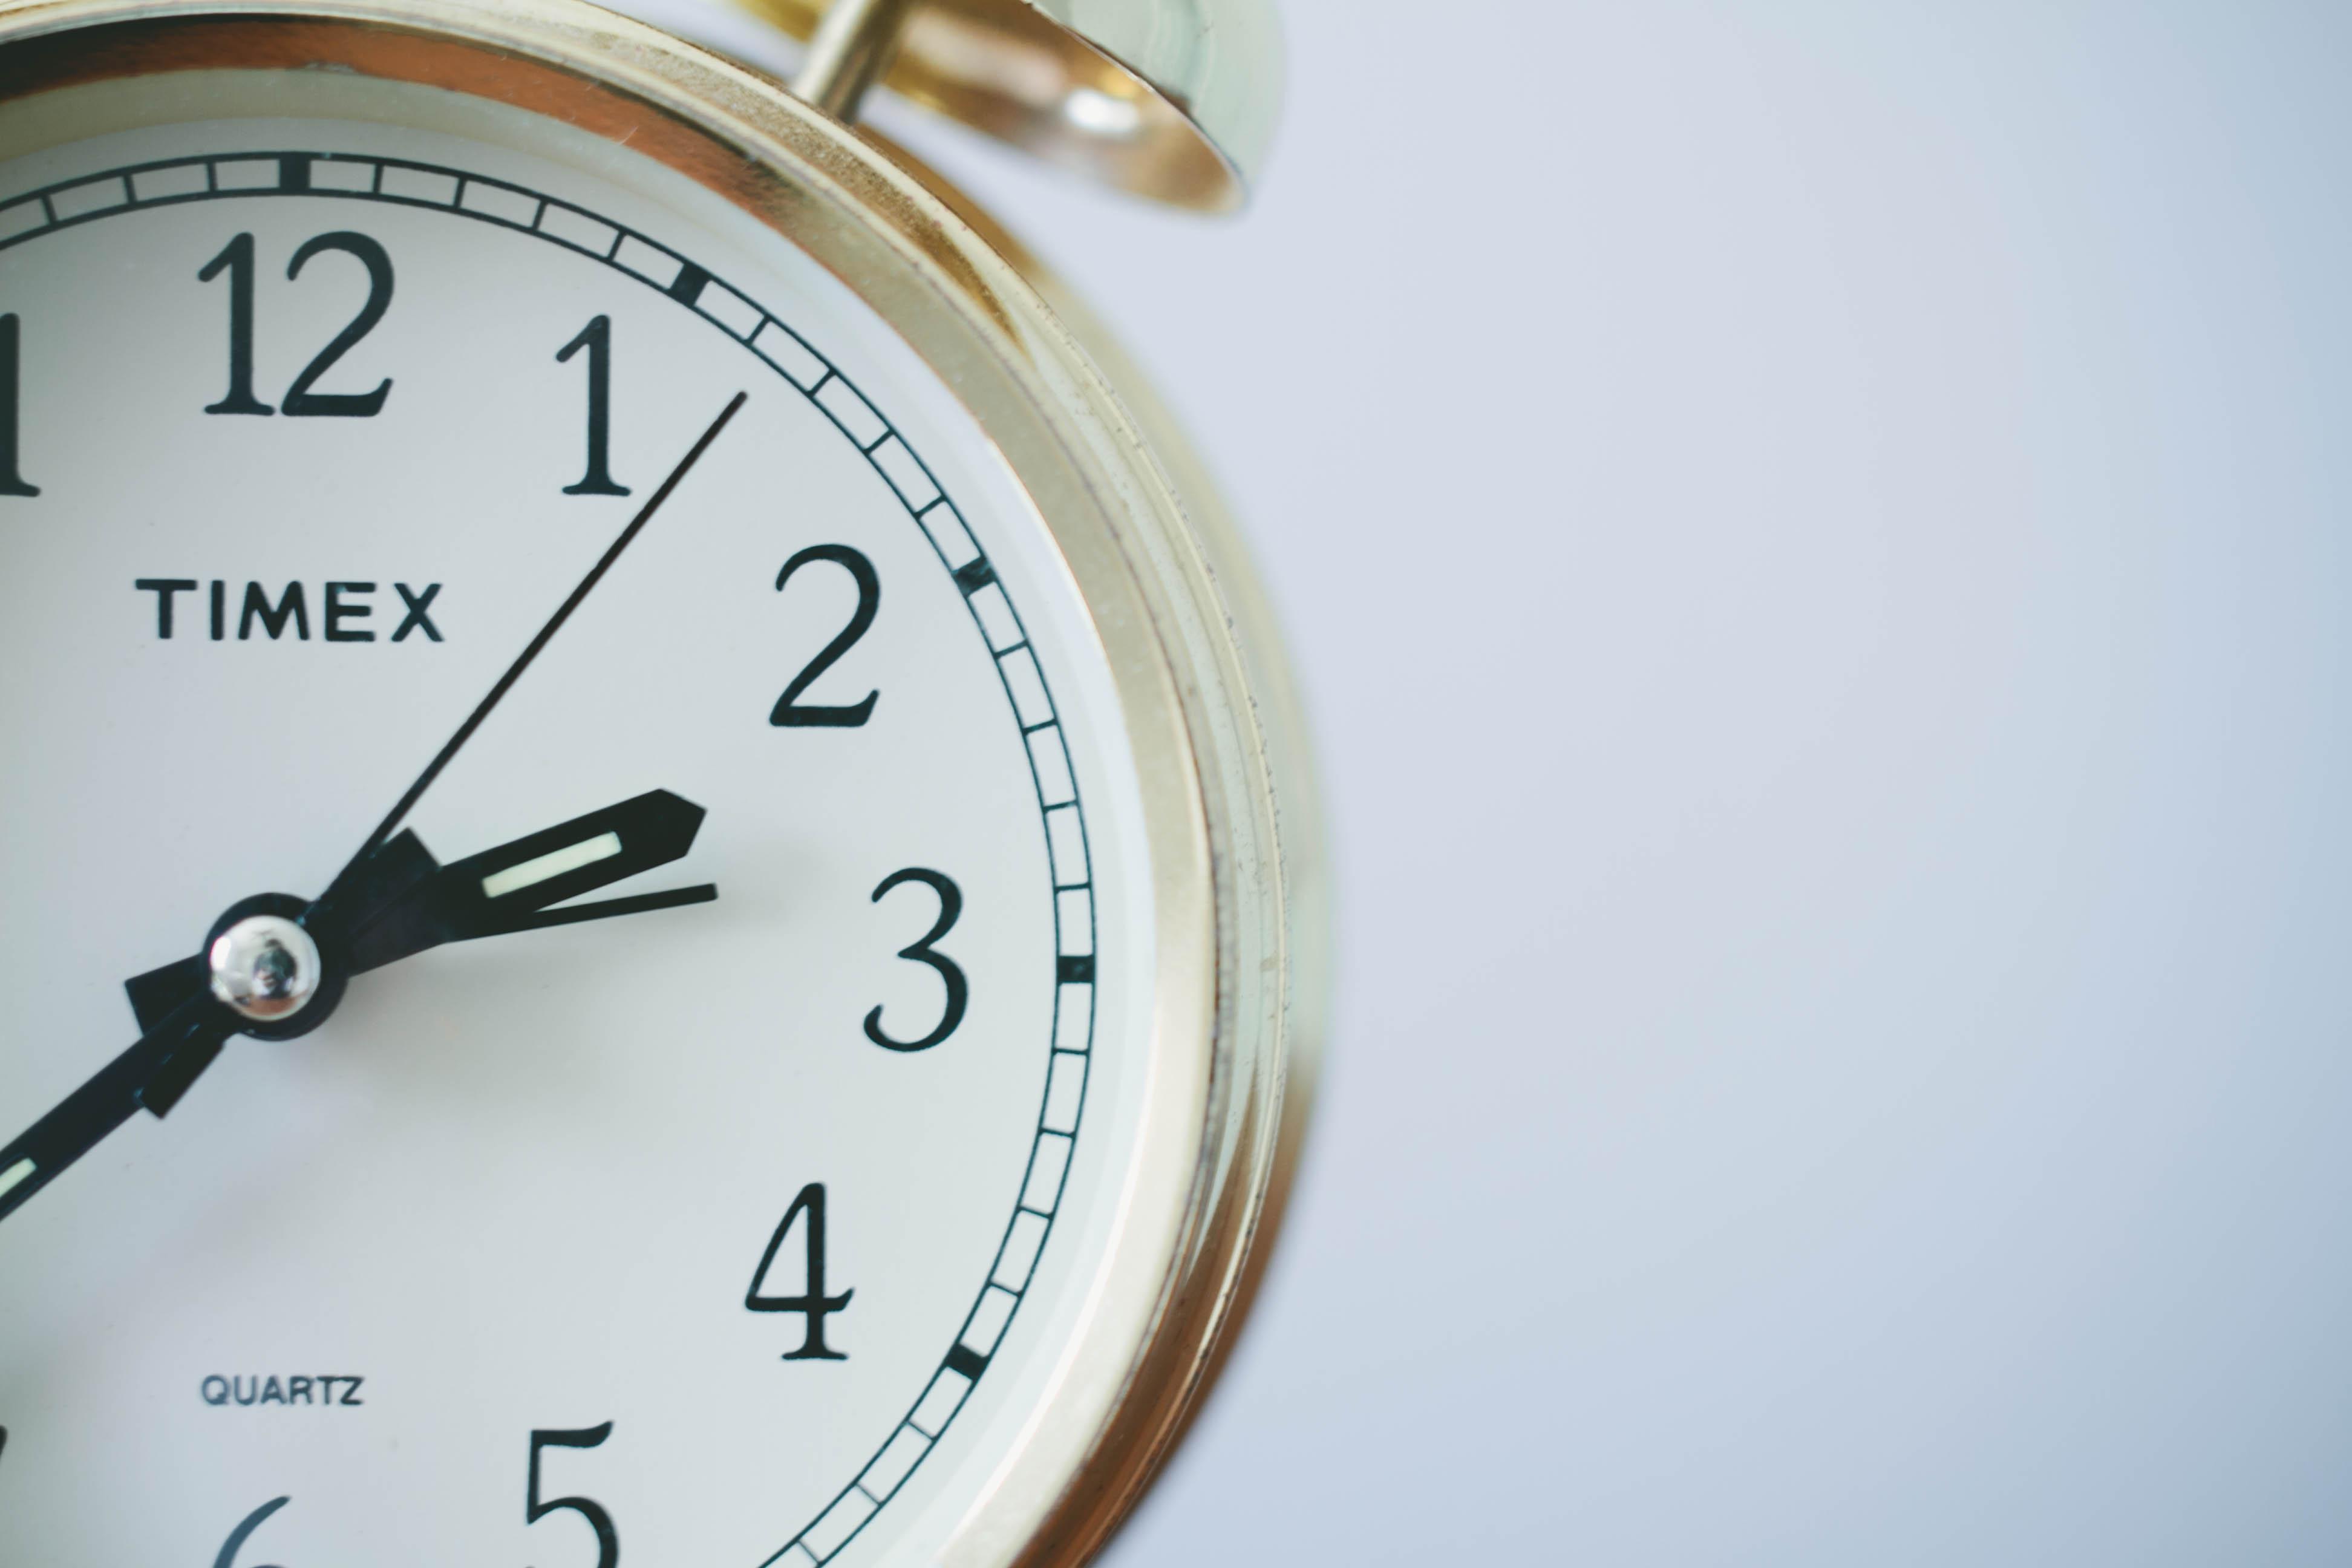 ものごとの習得に掛かる時間は10000時間??リトミック講師になるのも10000時間??